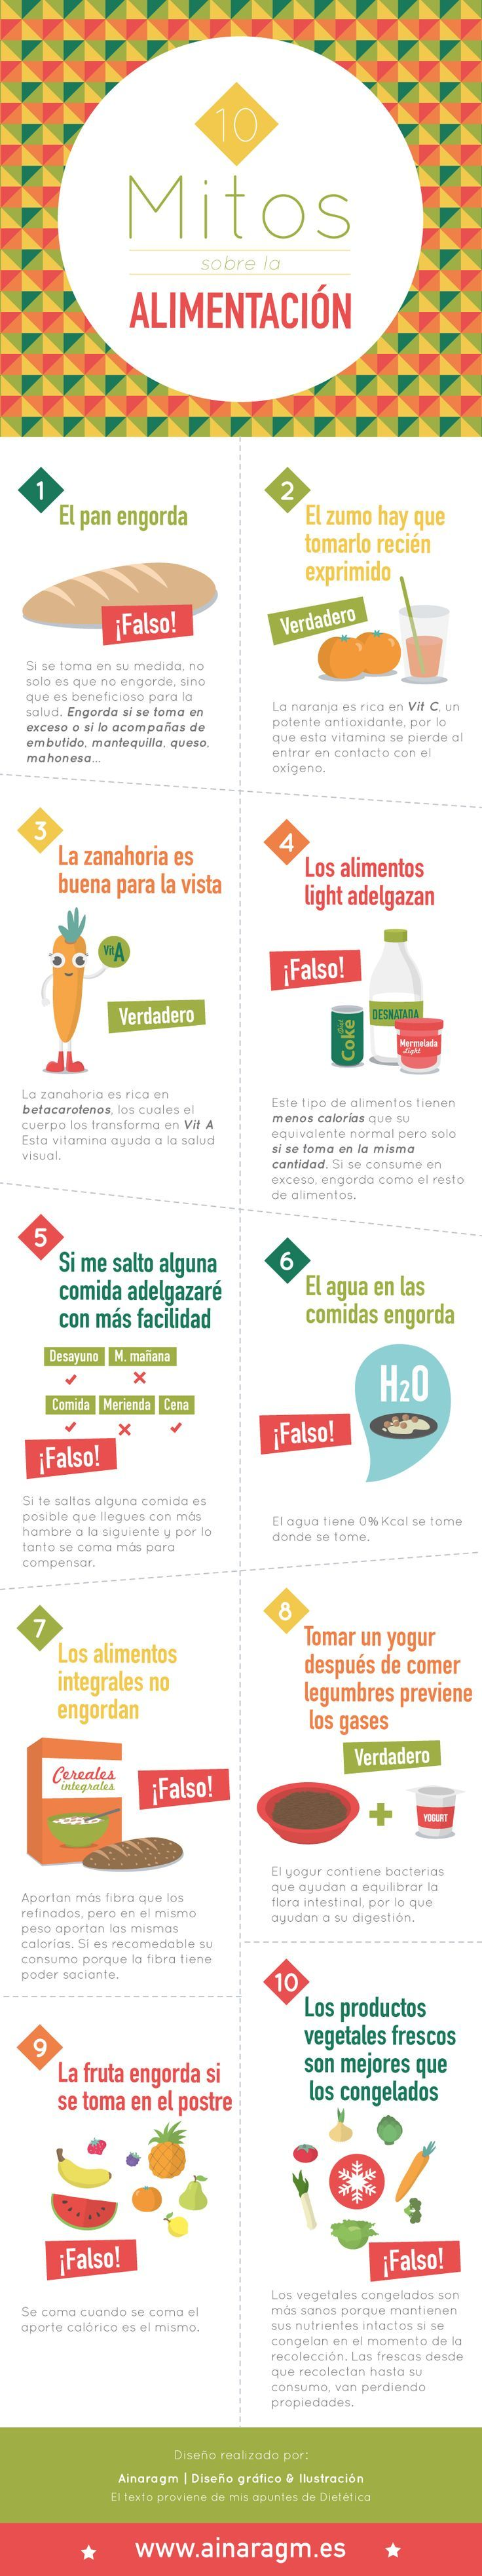 10 mitos sobre la alimentación que no puedes perderte #alimentación #mitos http://www.avanxel.com/blog-de-aparatologia-estetica/176-10-mitos-sobre-la-alimentacion-que-no-puedes-perderte.html